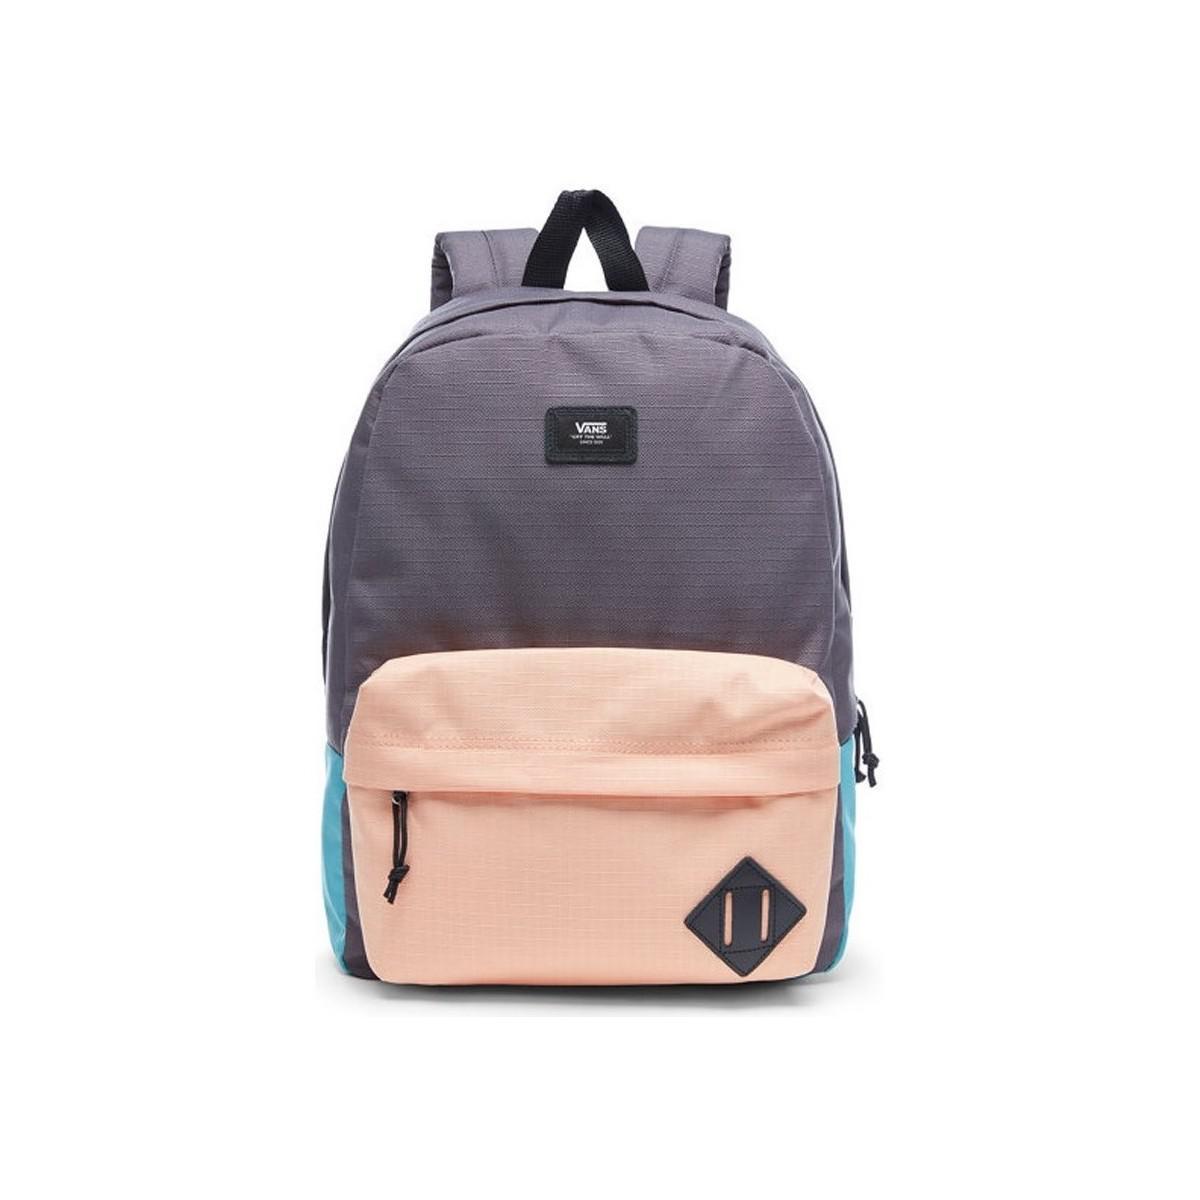 33af01e466 Vans Old Skool Ii Back Women s Backpack In Pink in Pink for Men - Lyst